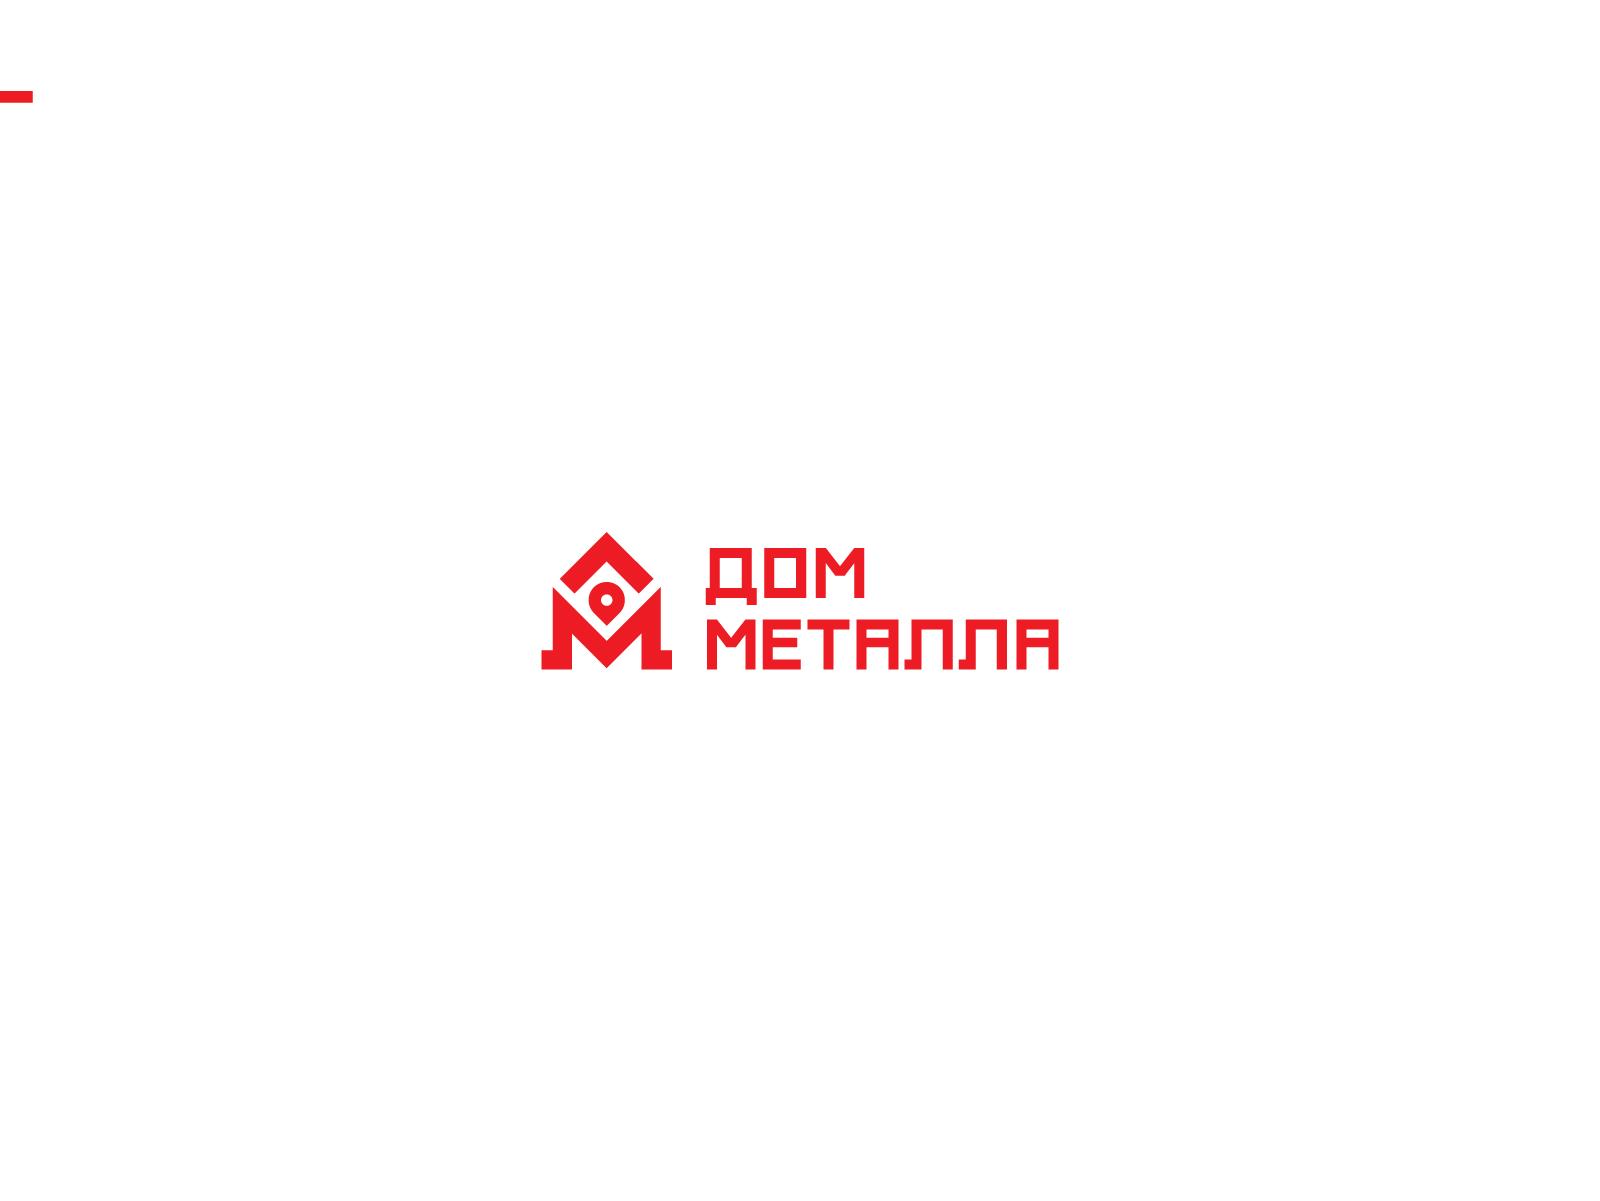 Разработка логотипа фото f_9495c59a5586c6ed.jpg